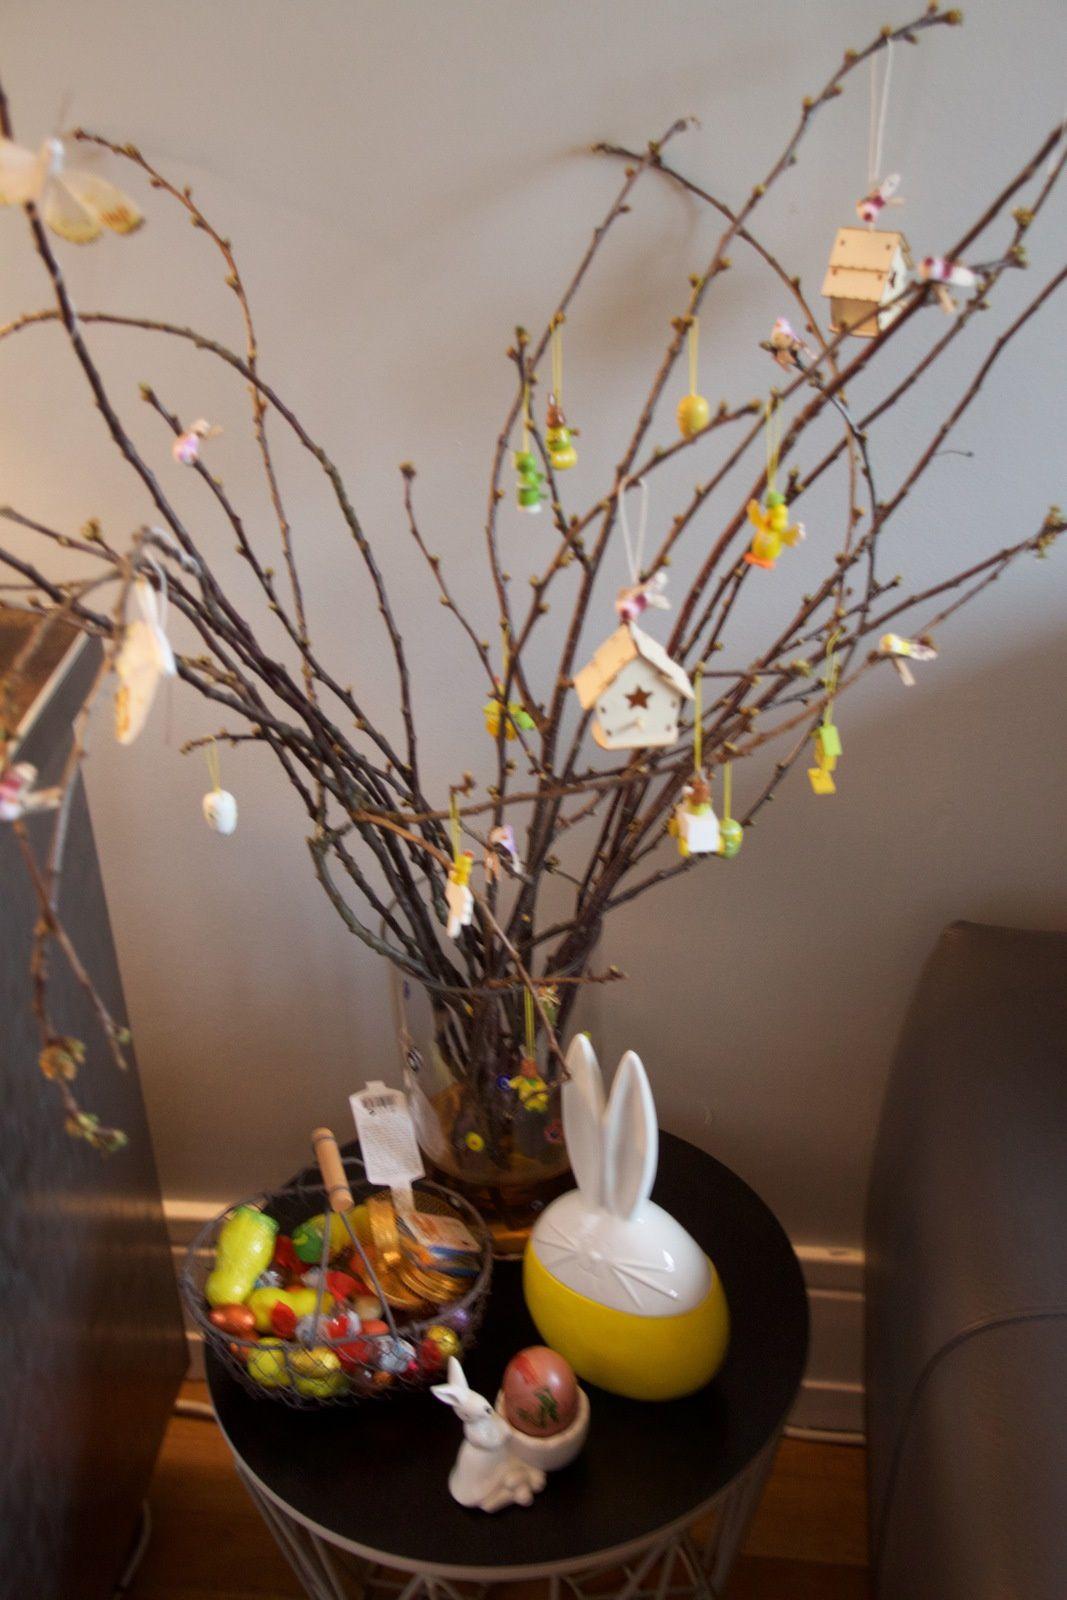 Décorations de Pâques...